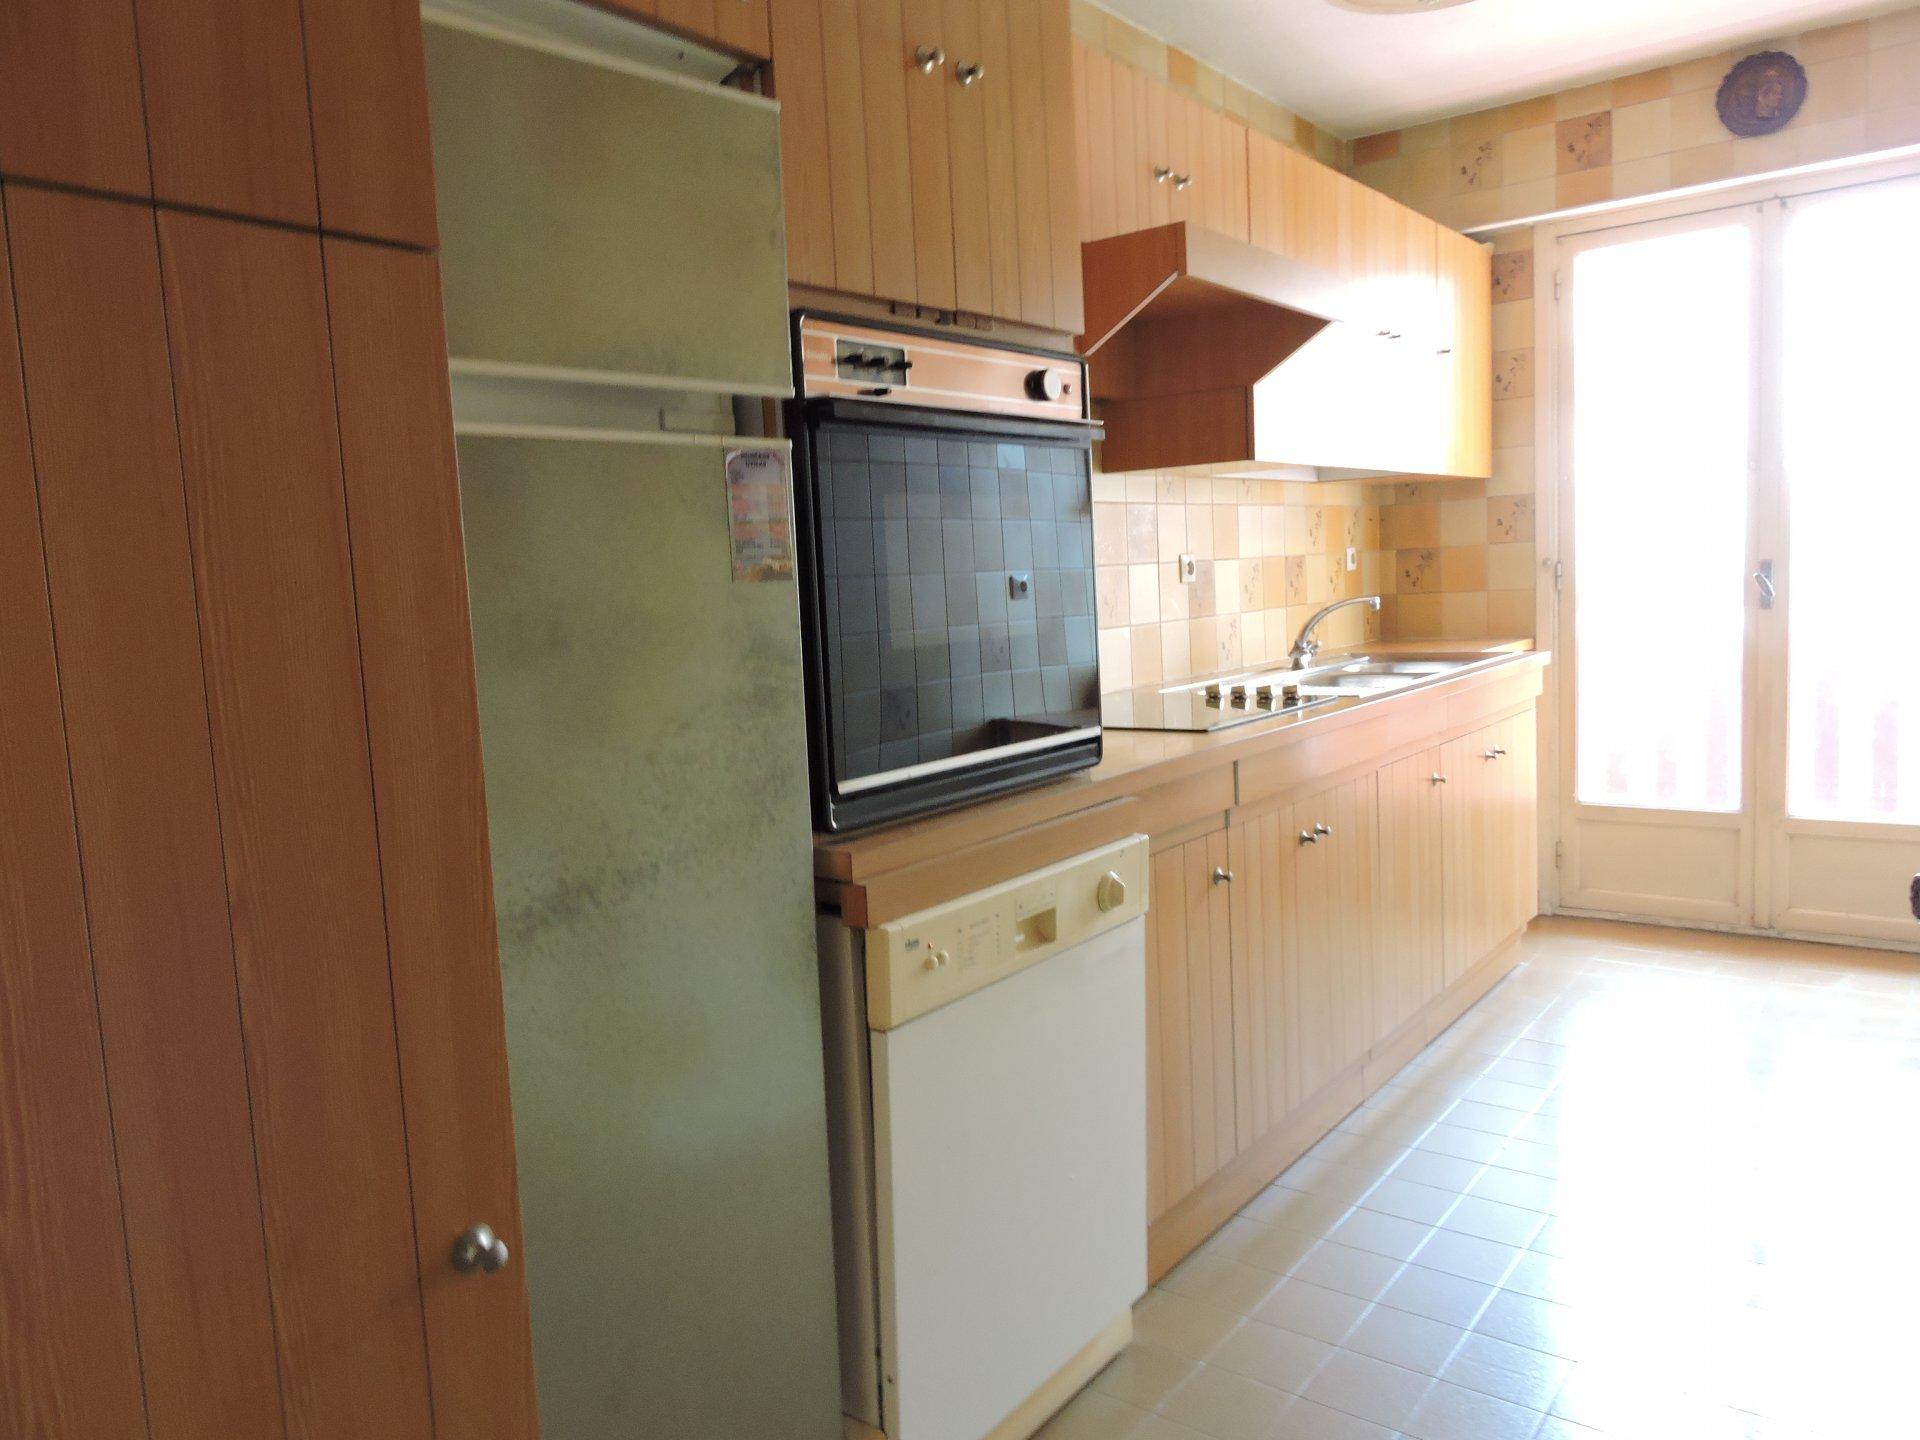 4 pièces St roch 89 m2